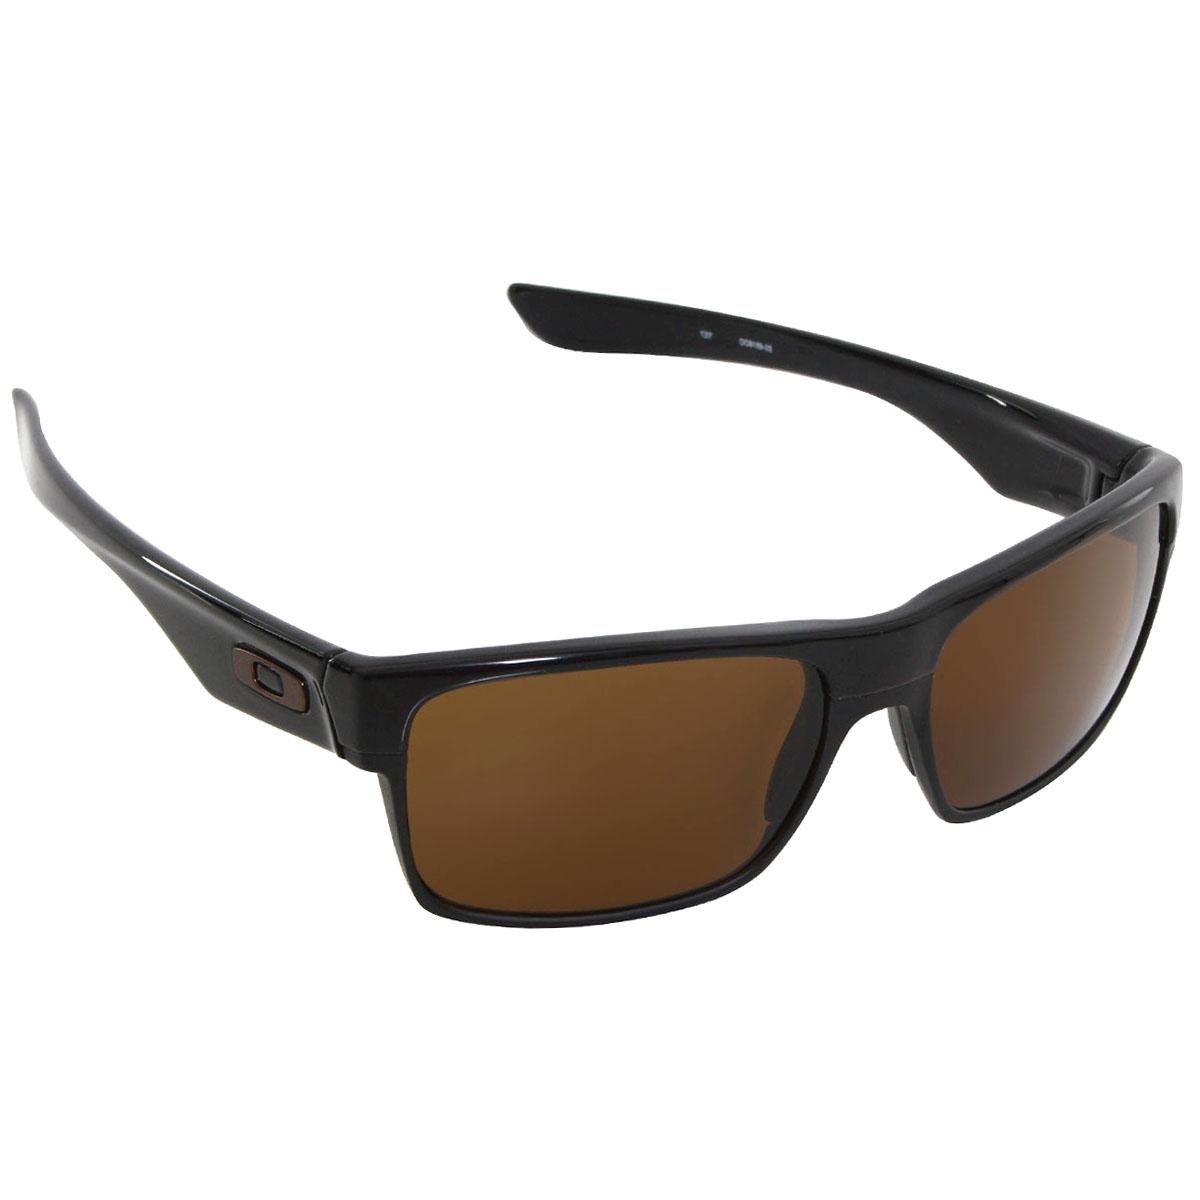 b5b6e84640dab Óculos Oakley TwoFace Polished Black Dark Bronze ref OO9189-03